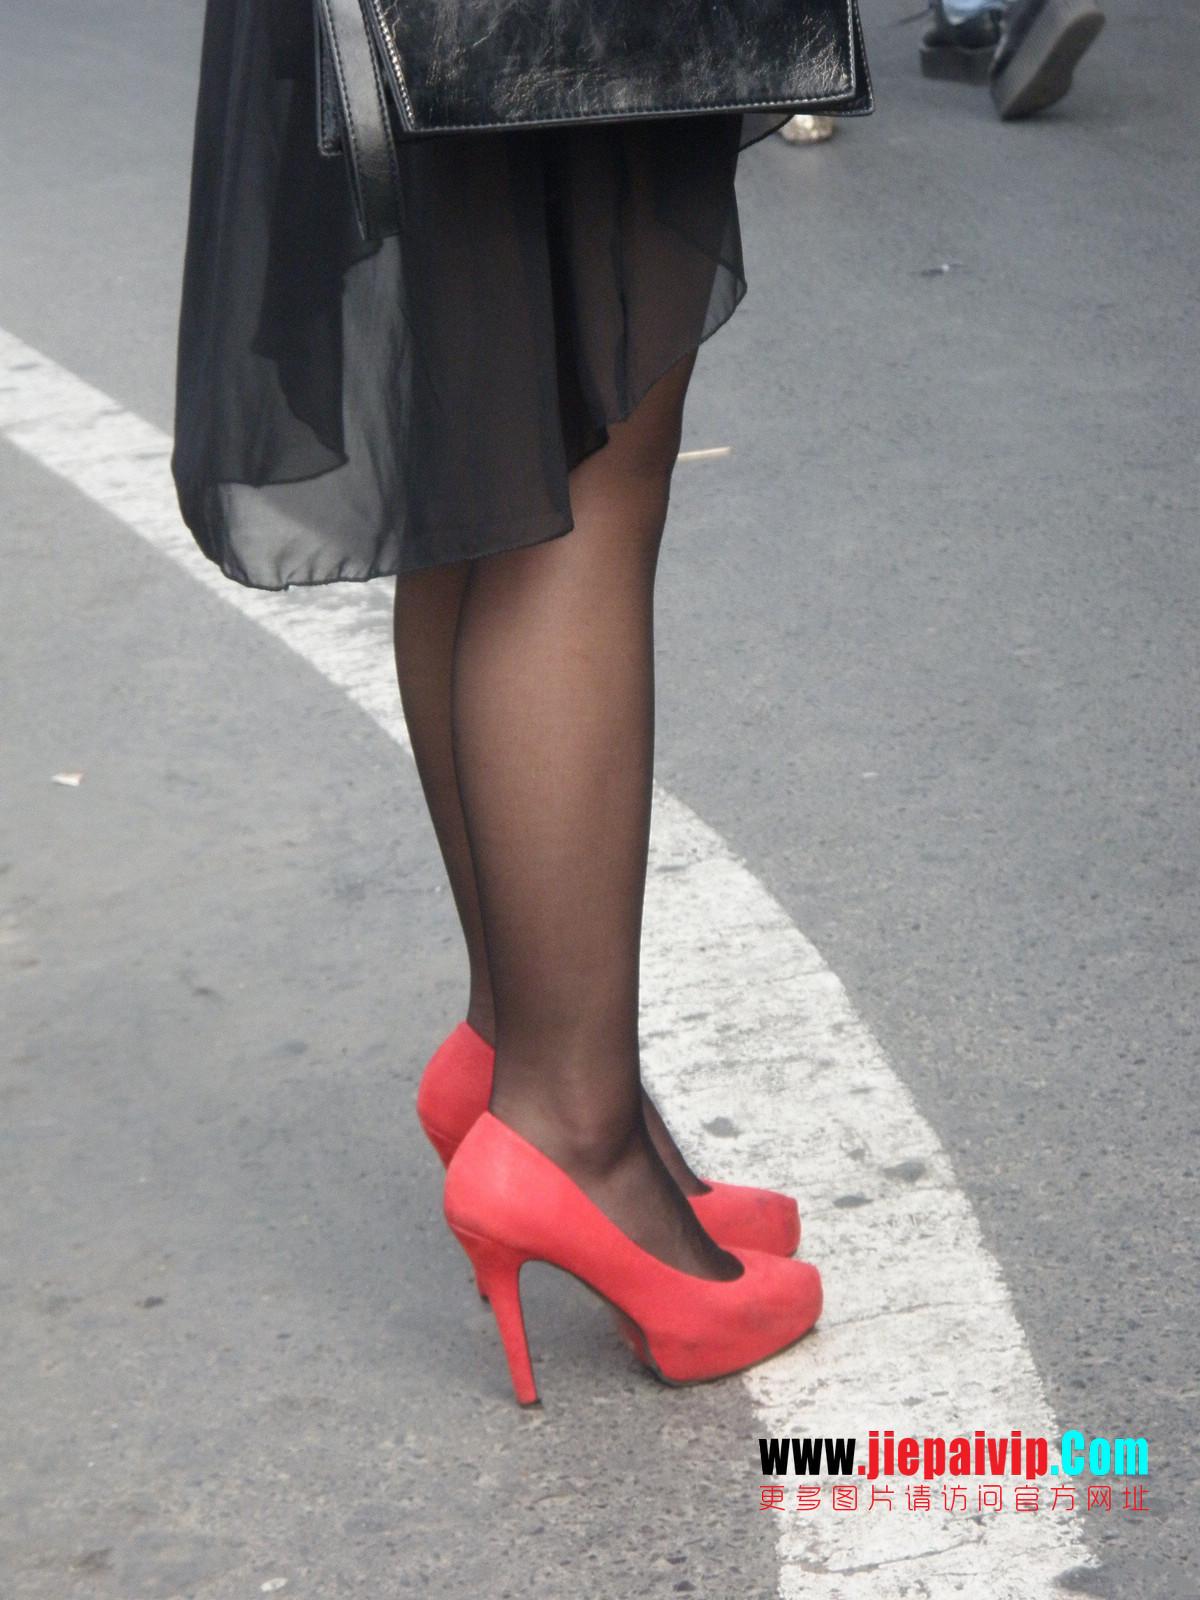 性感的红色高跟鞋黑丝袜美腿女人11